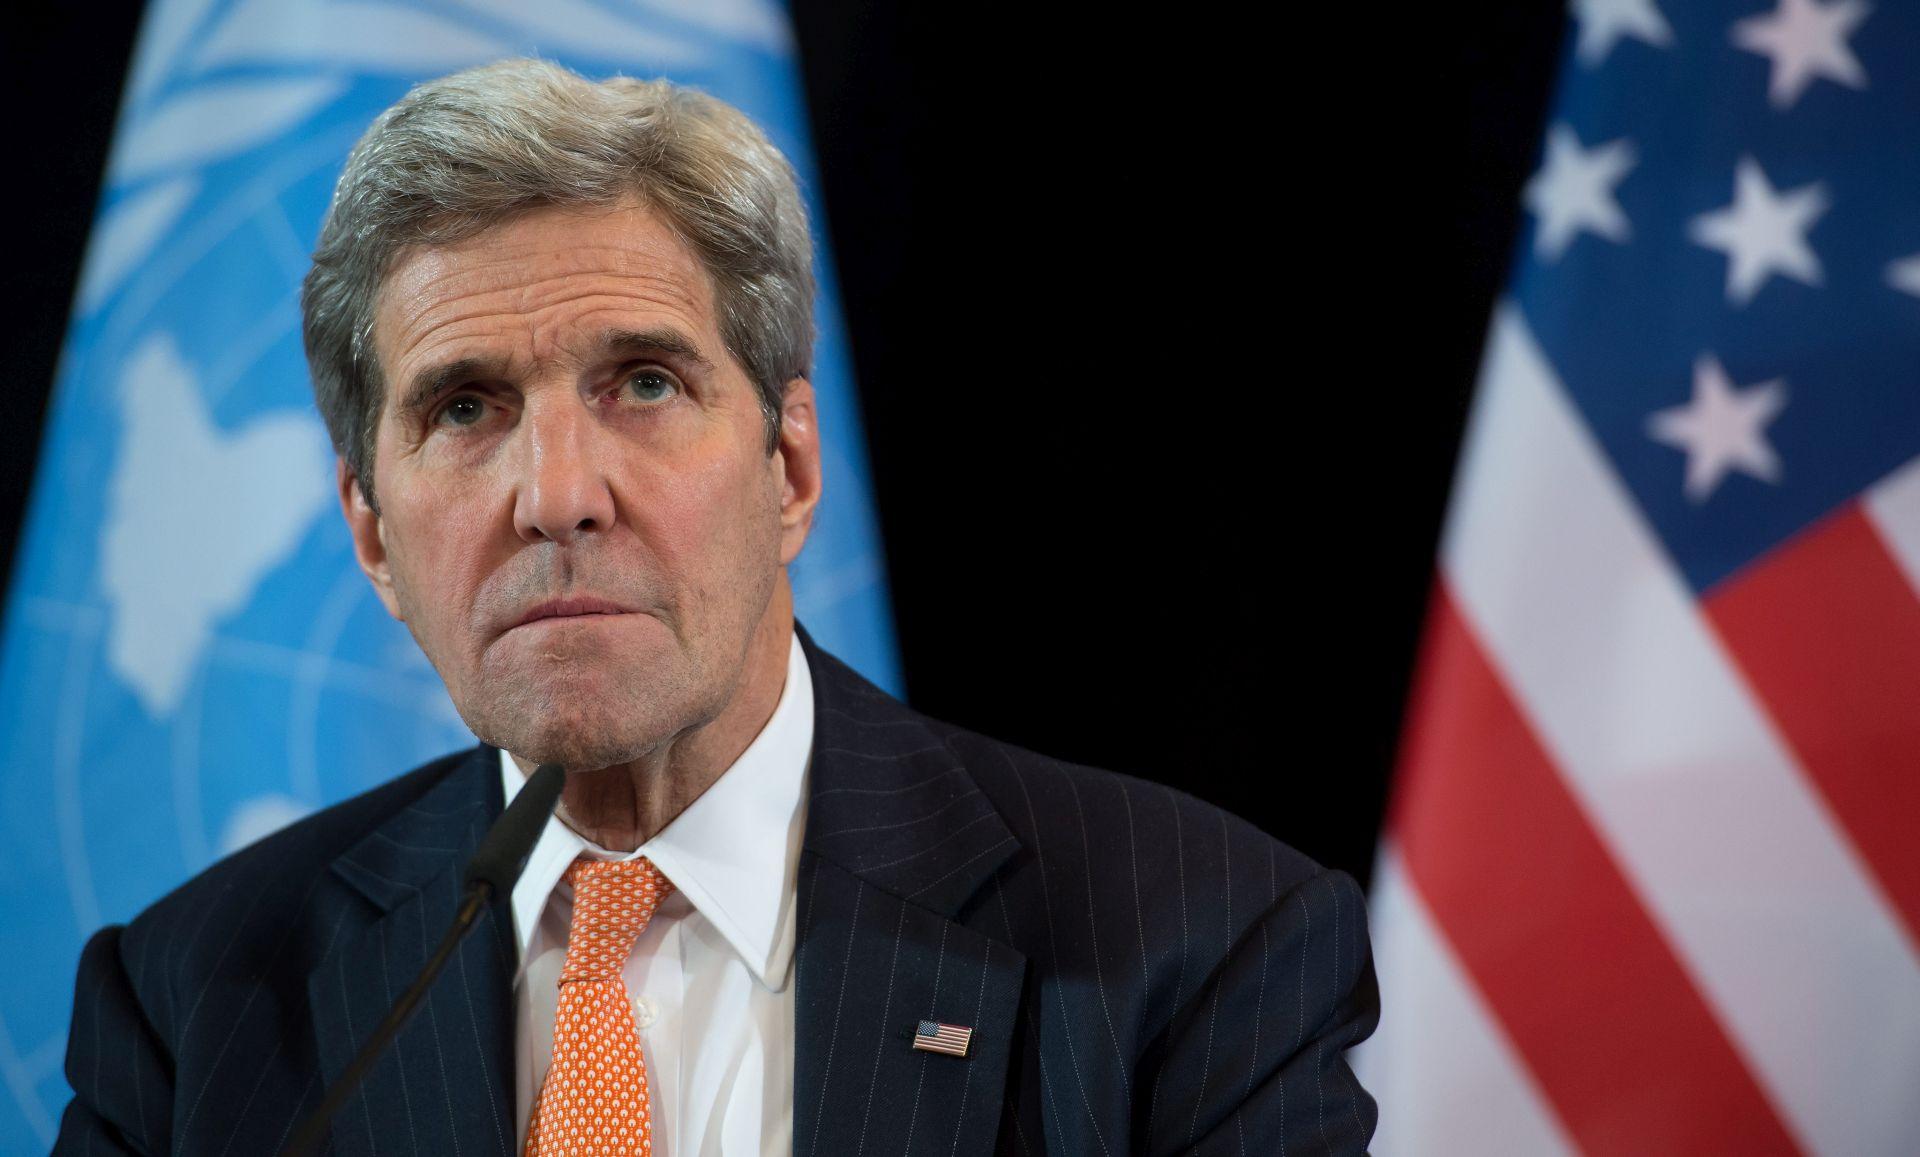 KONFERENCIJA O SIGURNOSTI Kerry: Koalicija će pobijediti Islamsku državu